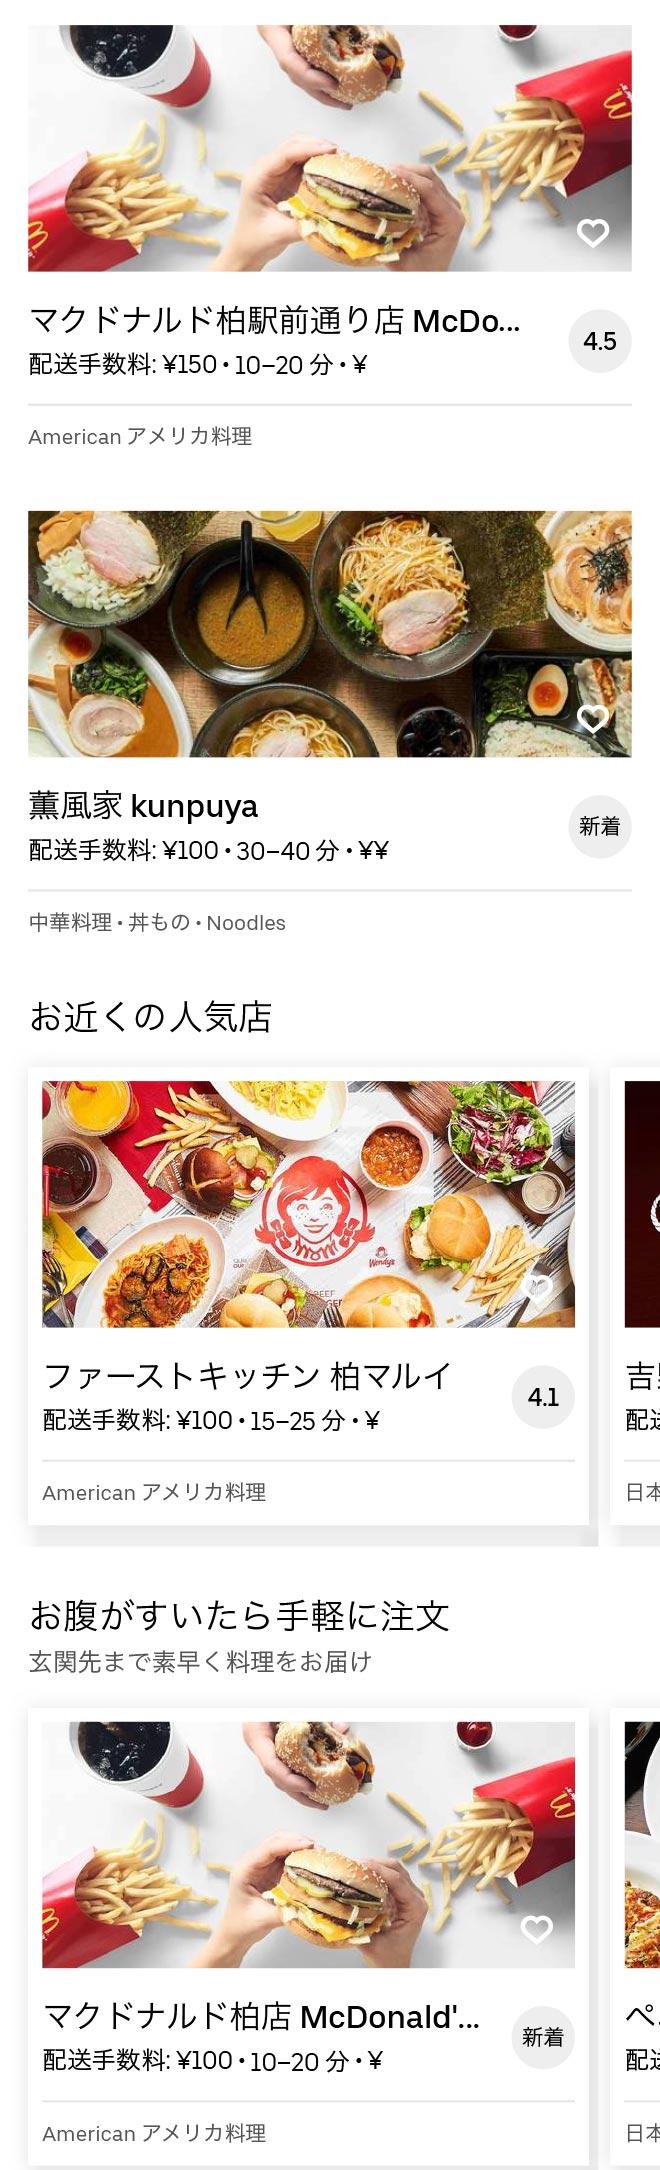 Kashiwa menu 2007 01